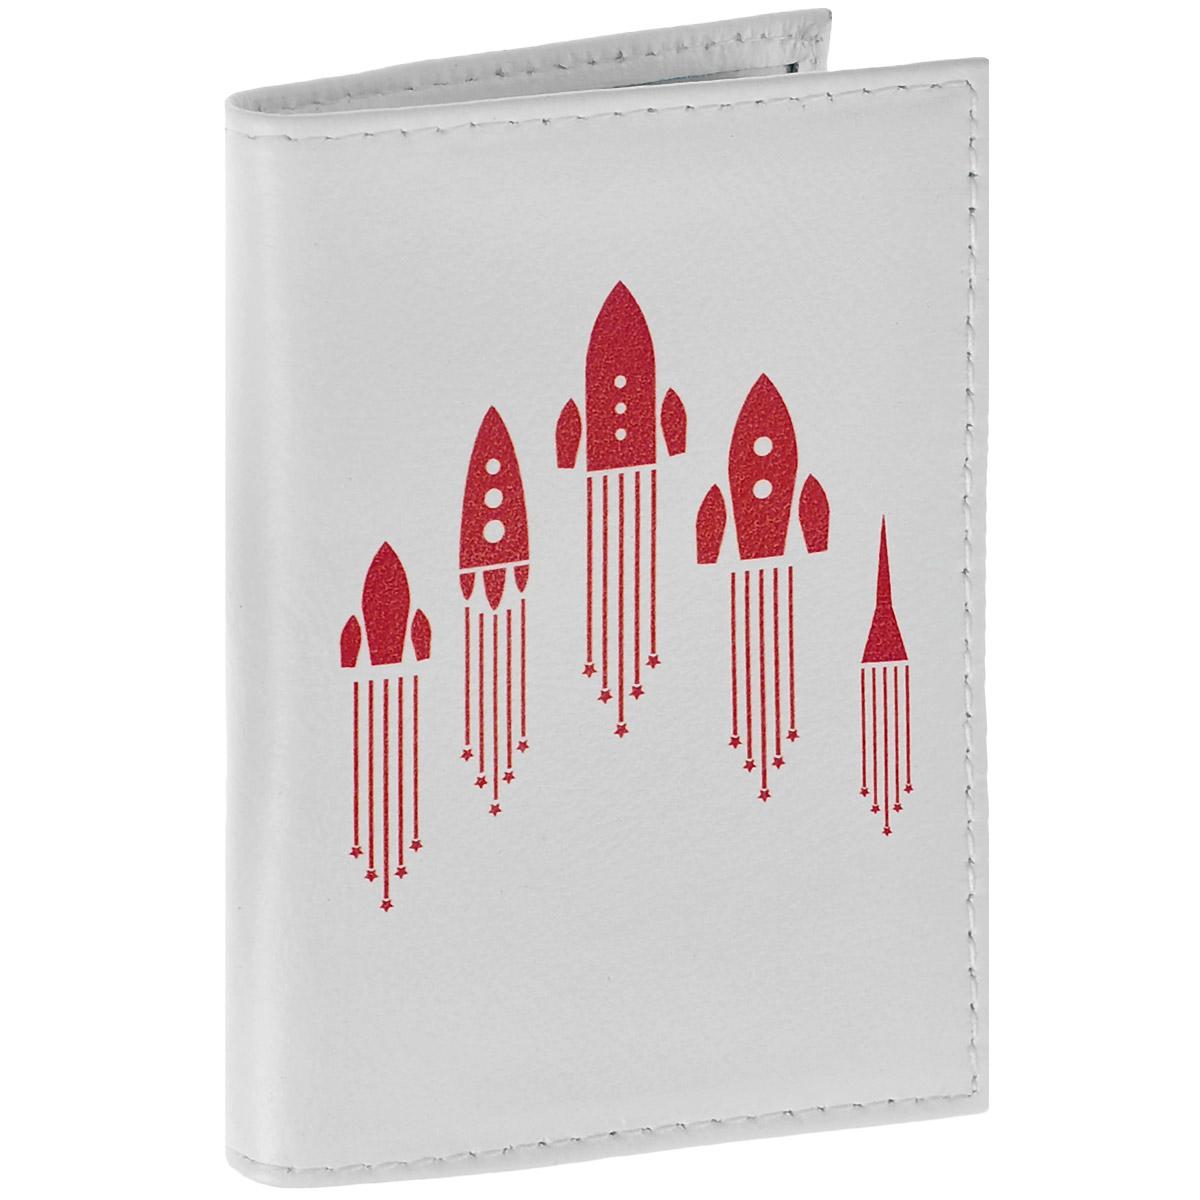 Обложка для паспорта Ракеты. OK286PV-NK017-OP0Z57-000Обложка для паспорта Mitya Veselkov Ракеты выполнена из натуральной кожи и оформлена изображением ракет. Такая обложка не только поможет сохранить внешний вид ваших документов и защитит их от повреждений, но и станет стильным аксессуаром, идеально подходящим вашему образу.Яркая и оригинальная обложка подчеркнет вашу индивидуальность и изысканный вкус. Обложка для паспорта стильного дизайна может быть достойным и оригинальным подарком.